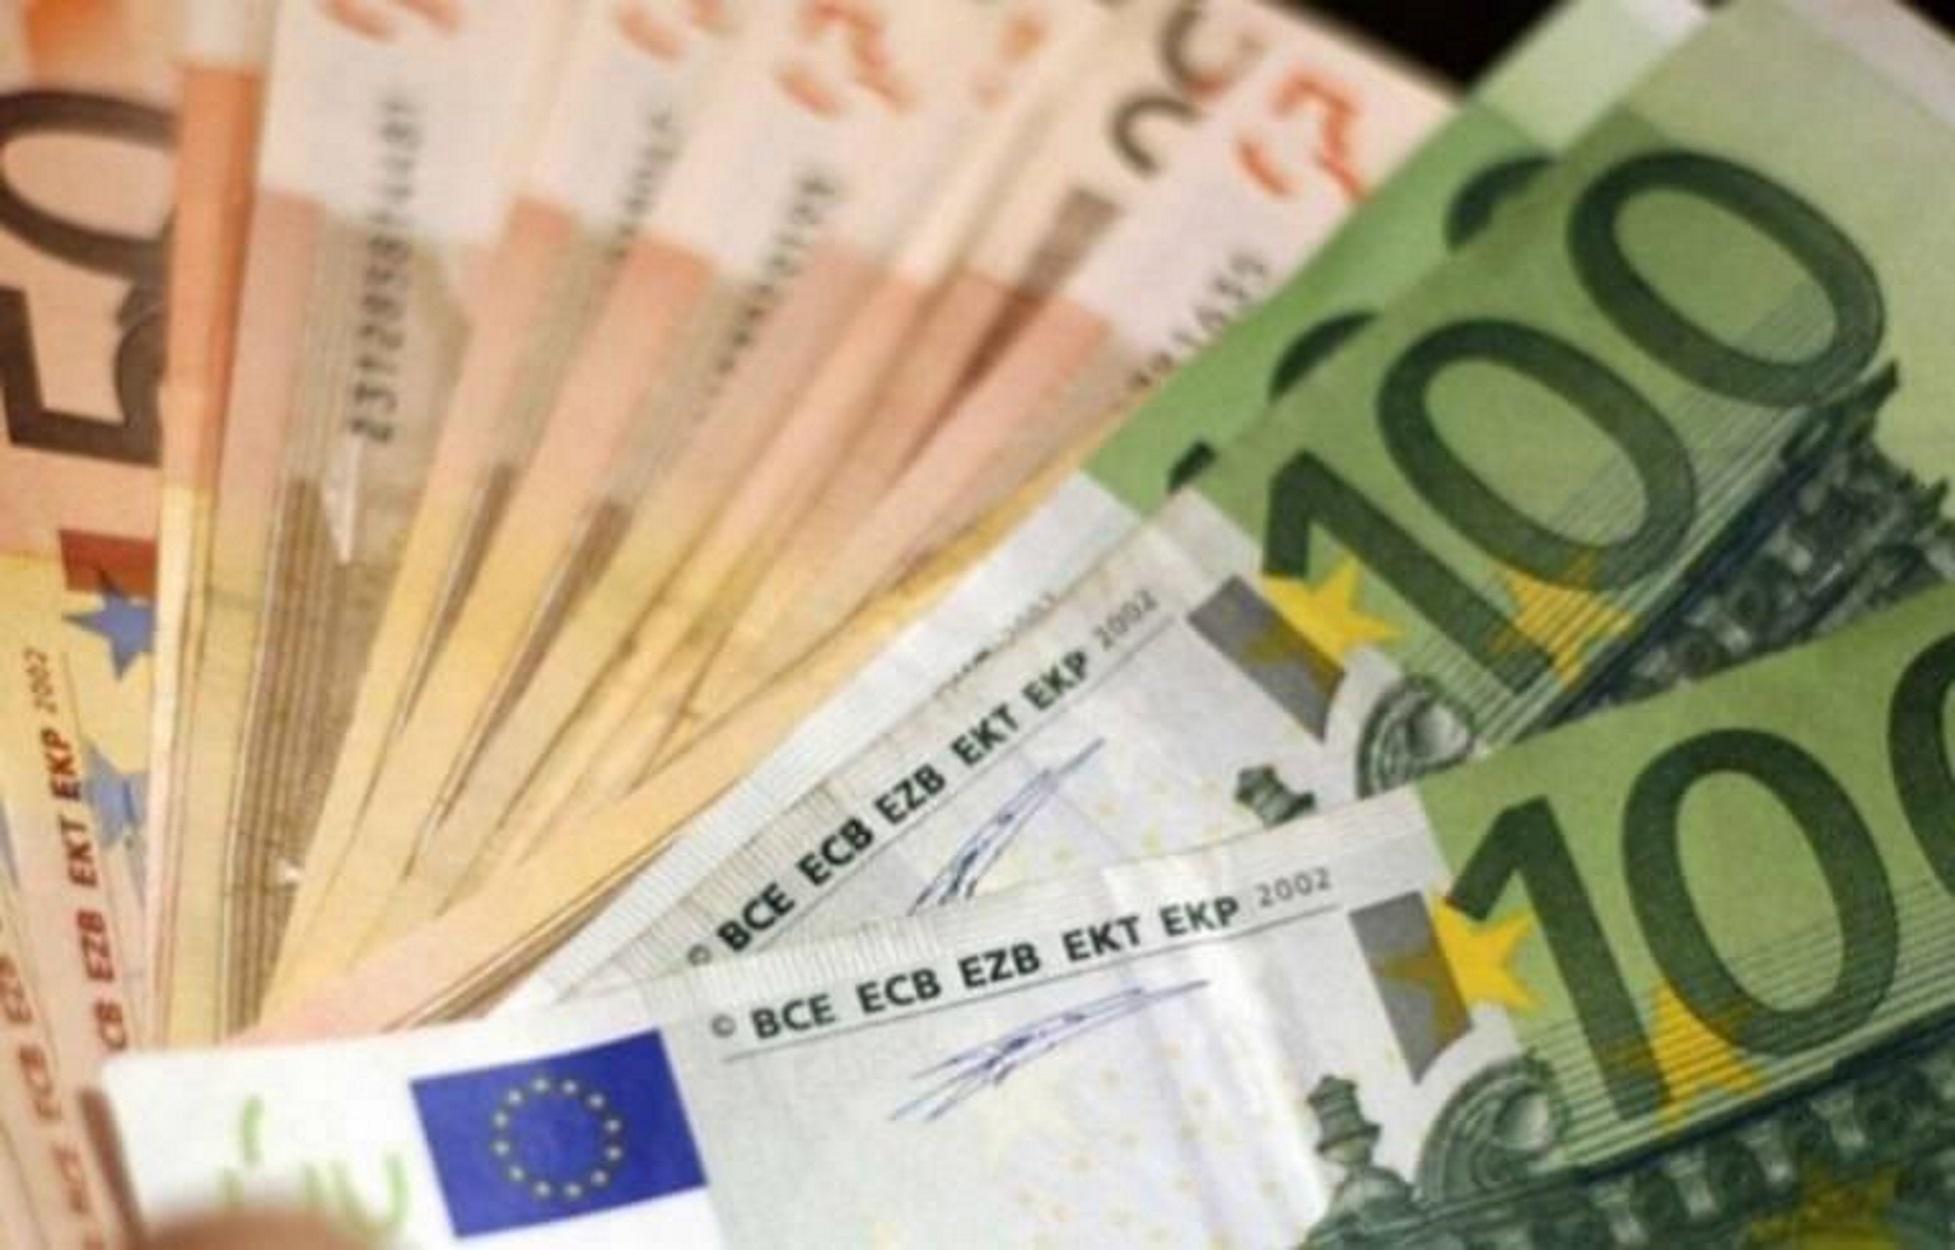 Κρήτη: Η απόπειρα απάτης του γύρισε μπούμερανγκ! Ο επιχειρηματίας στο Ρέθυμνο δεν τσίμπησε